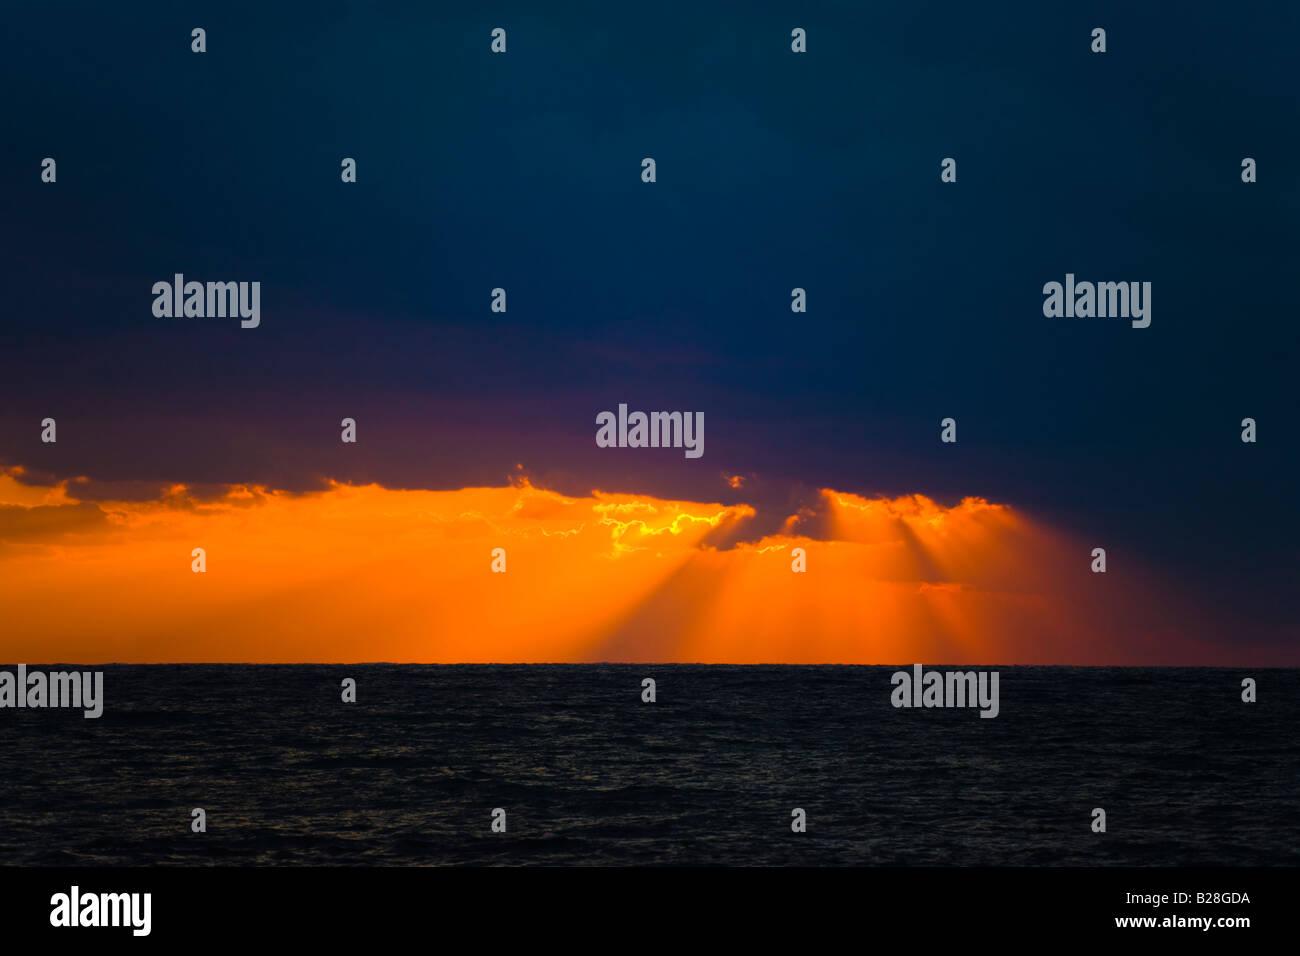 Sonnenuntergang in Kato Paphos, Zypern Stockbild